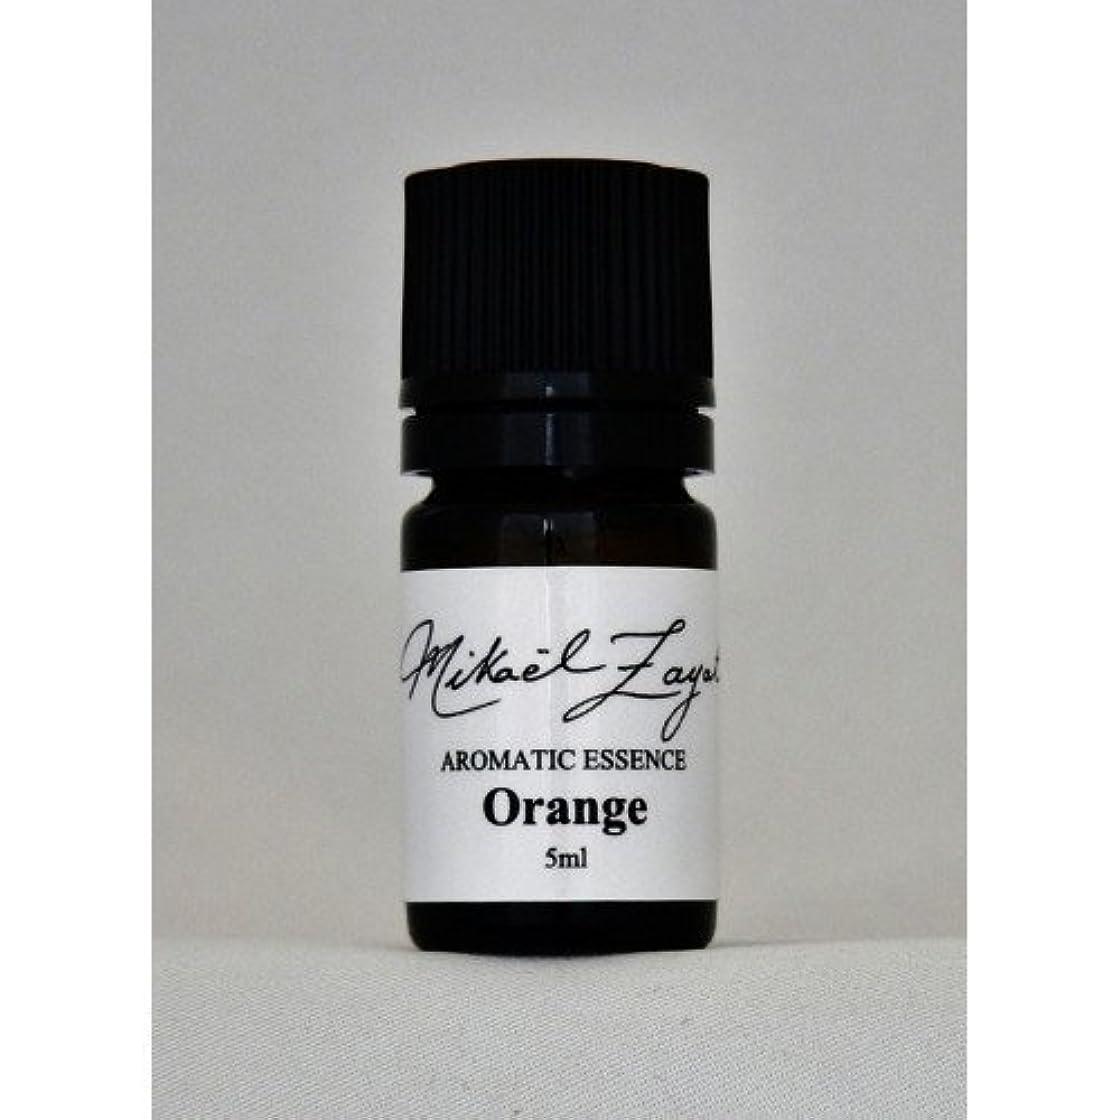 引き付ける偉業ボーダーミカエル?ザヤット アロマティックエッセンス オレンジ 10ml Orange 10ml 日本国内正規品